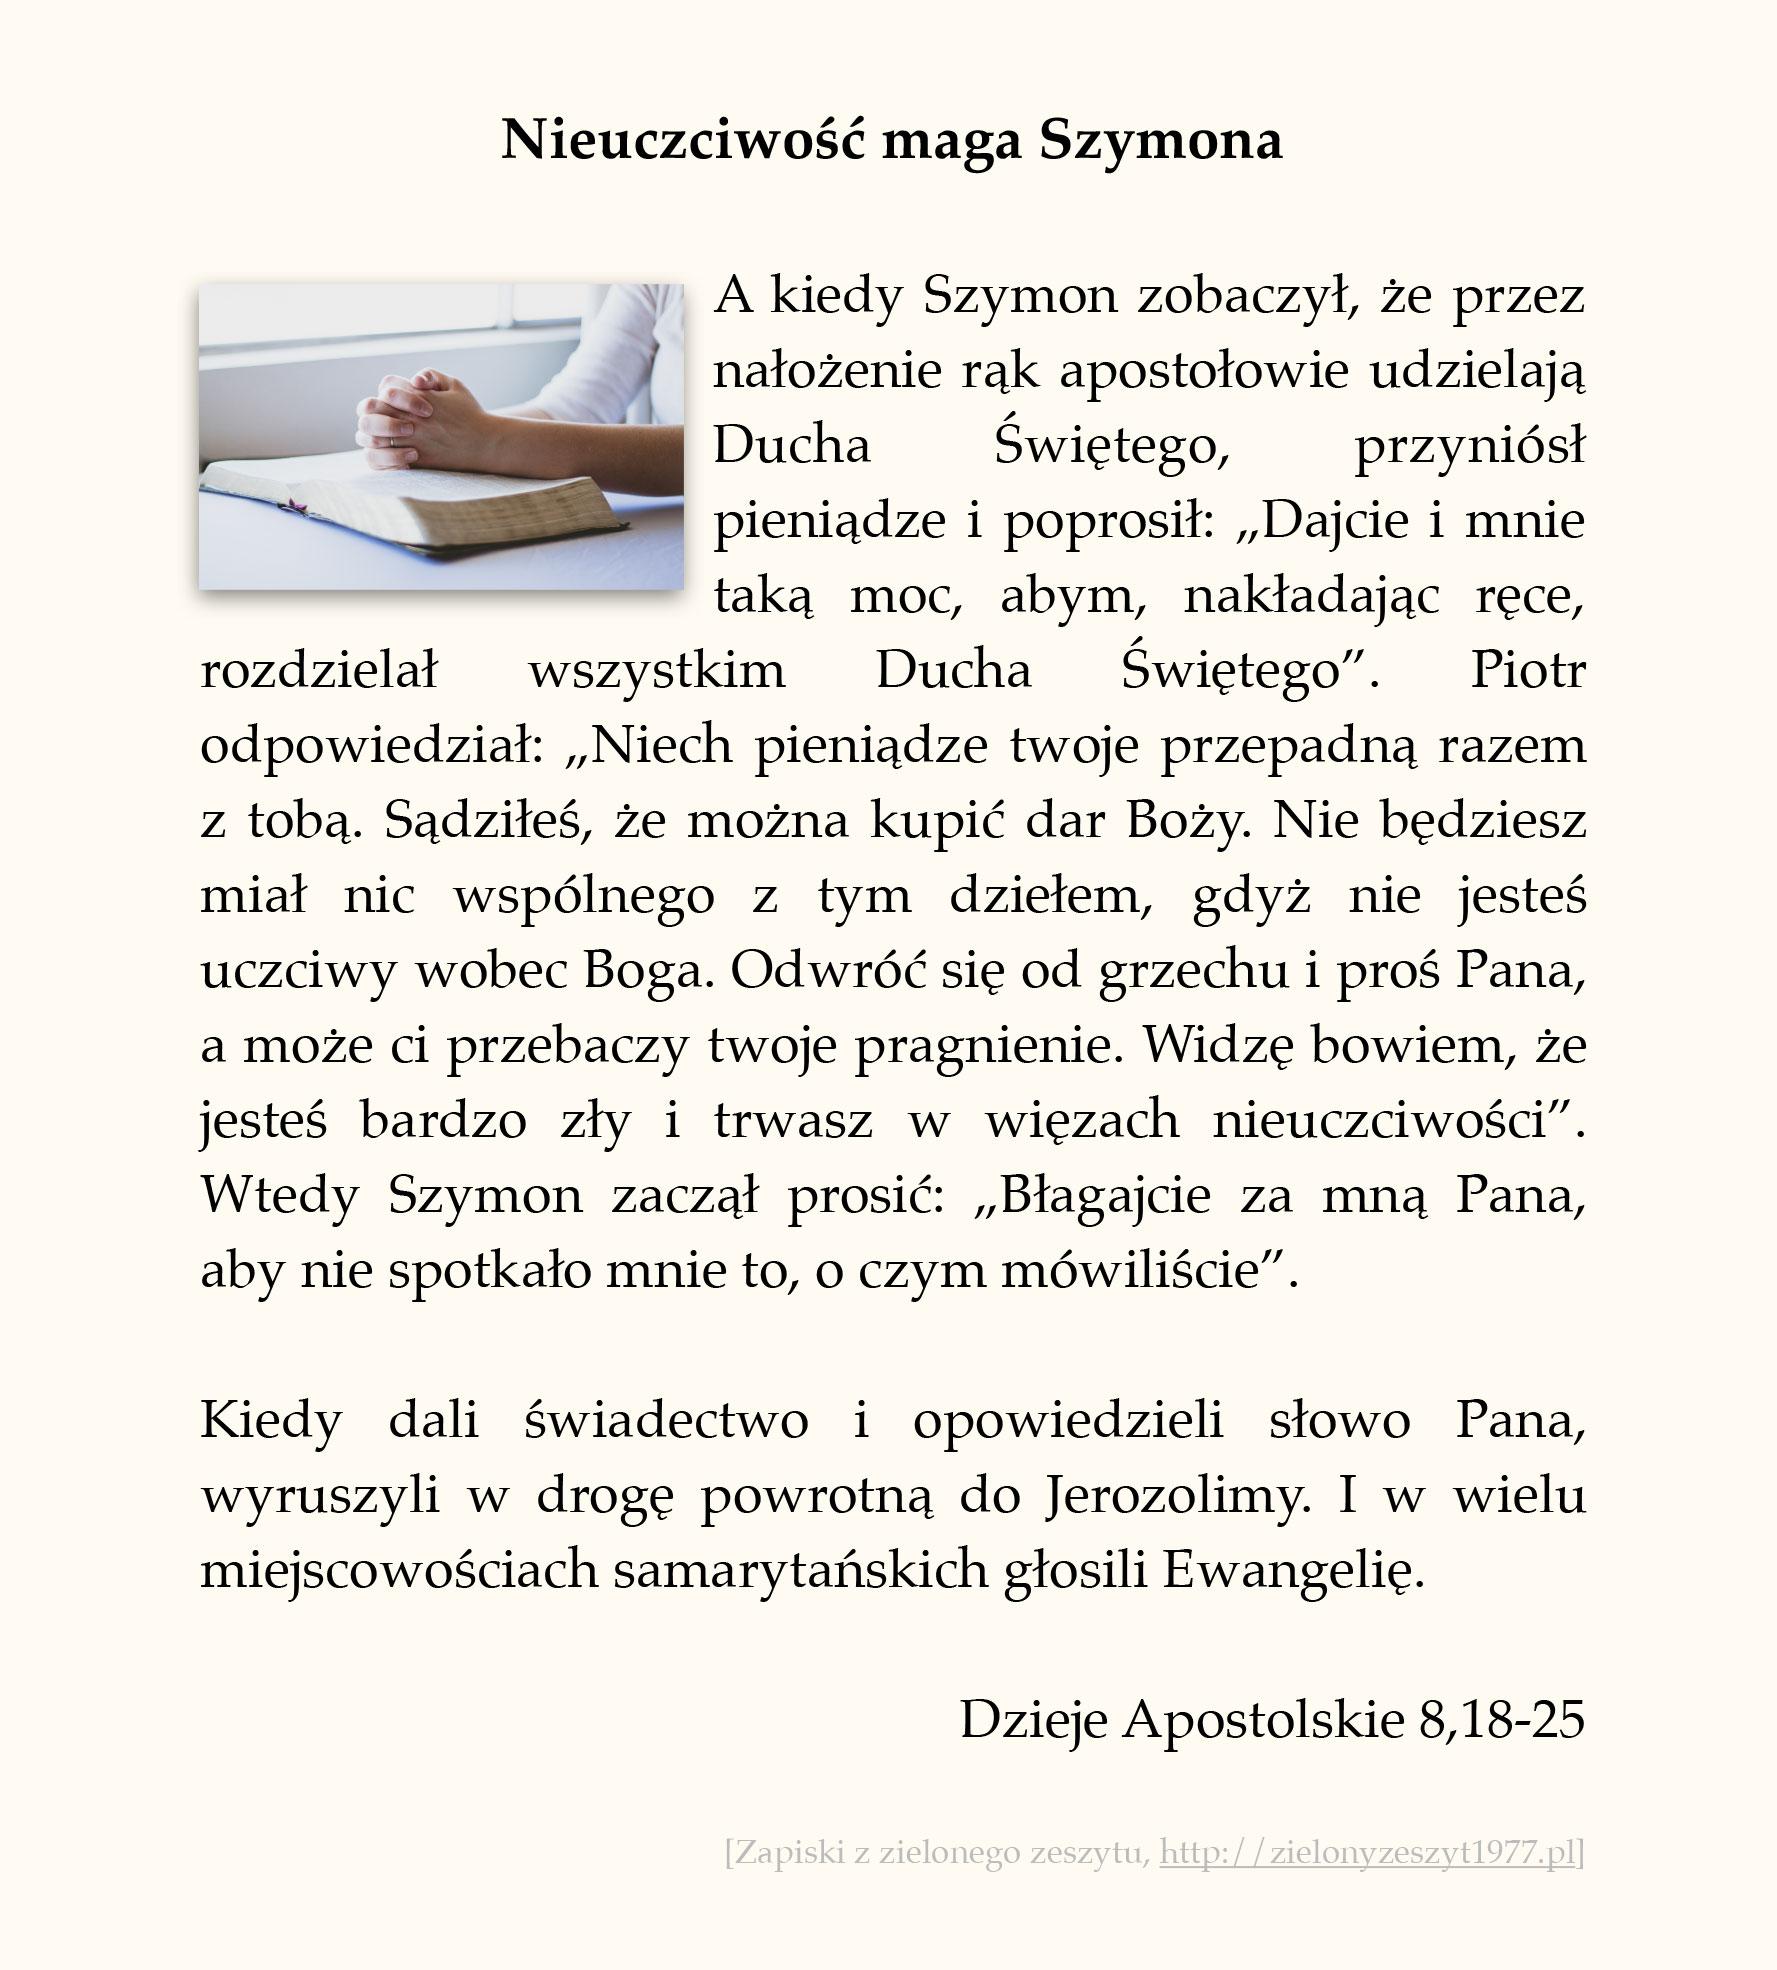 Nieuczciwość maga Szymona; Dzieje Apostolskie (#37)